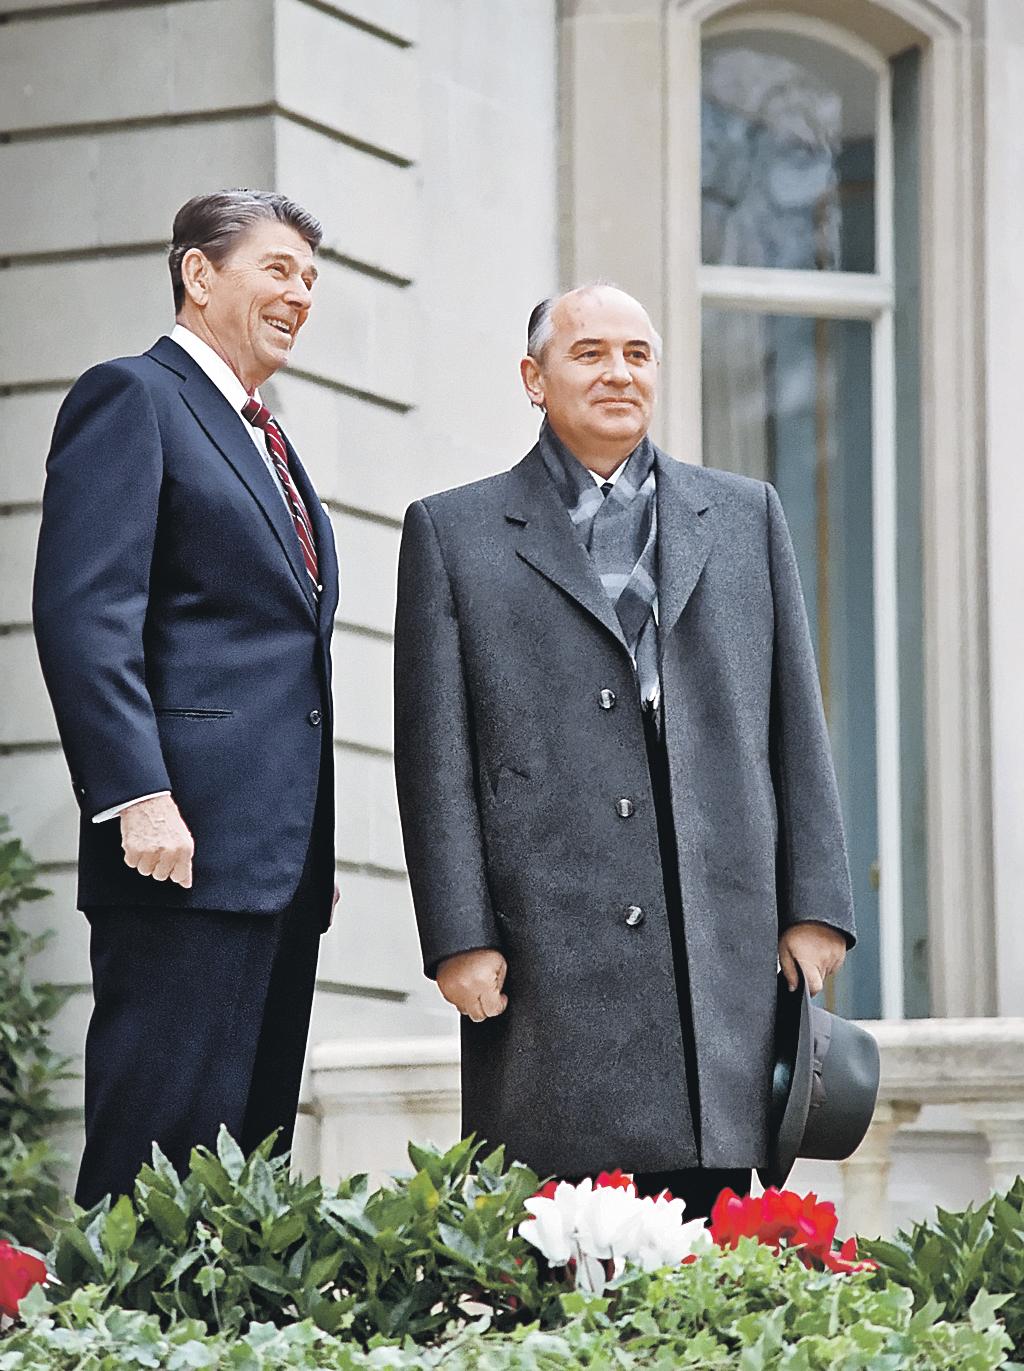 Впервые Горбачев встретился с президентом США Рейганом  в ноябре 1985 года в Женеве.  И с тех пор все уступал и уступал... Фото: GLOBAL LOOK PRESS